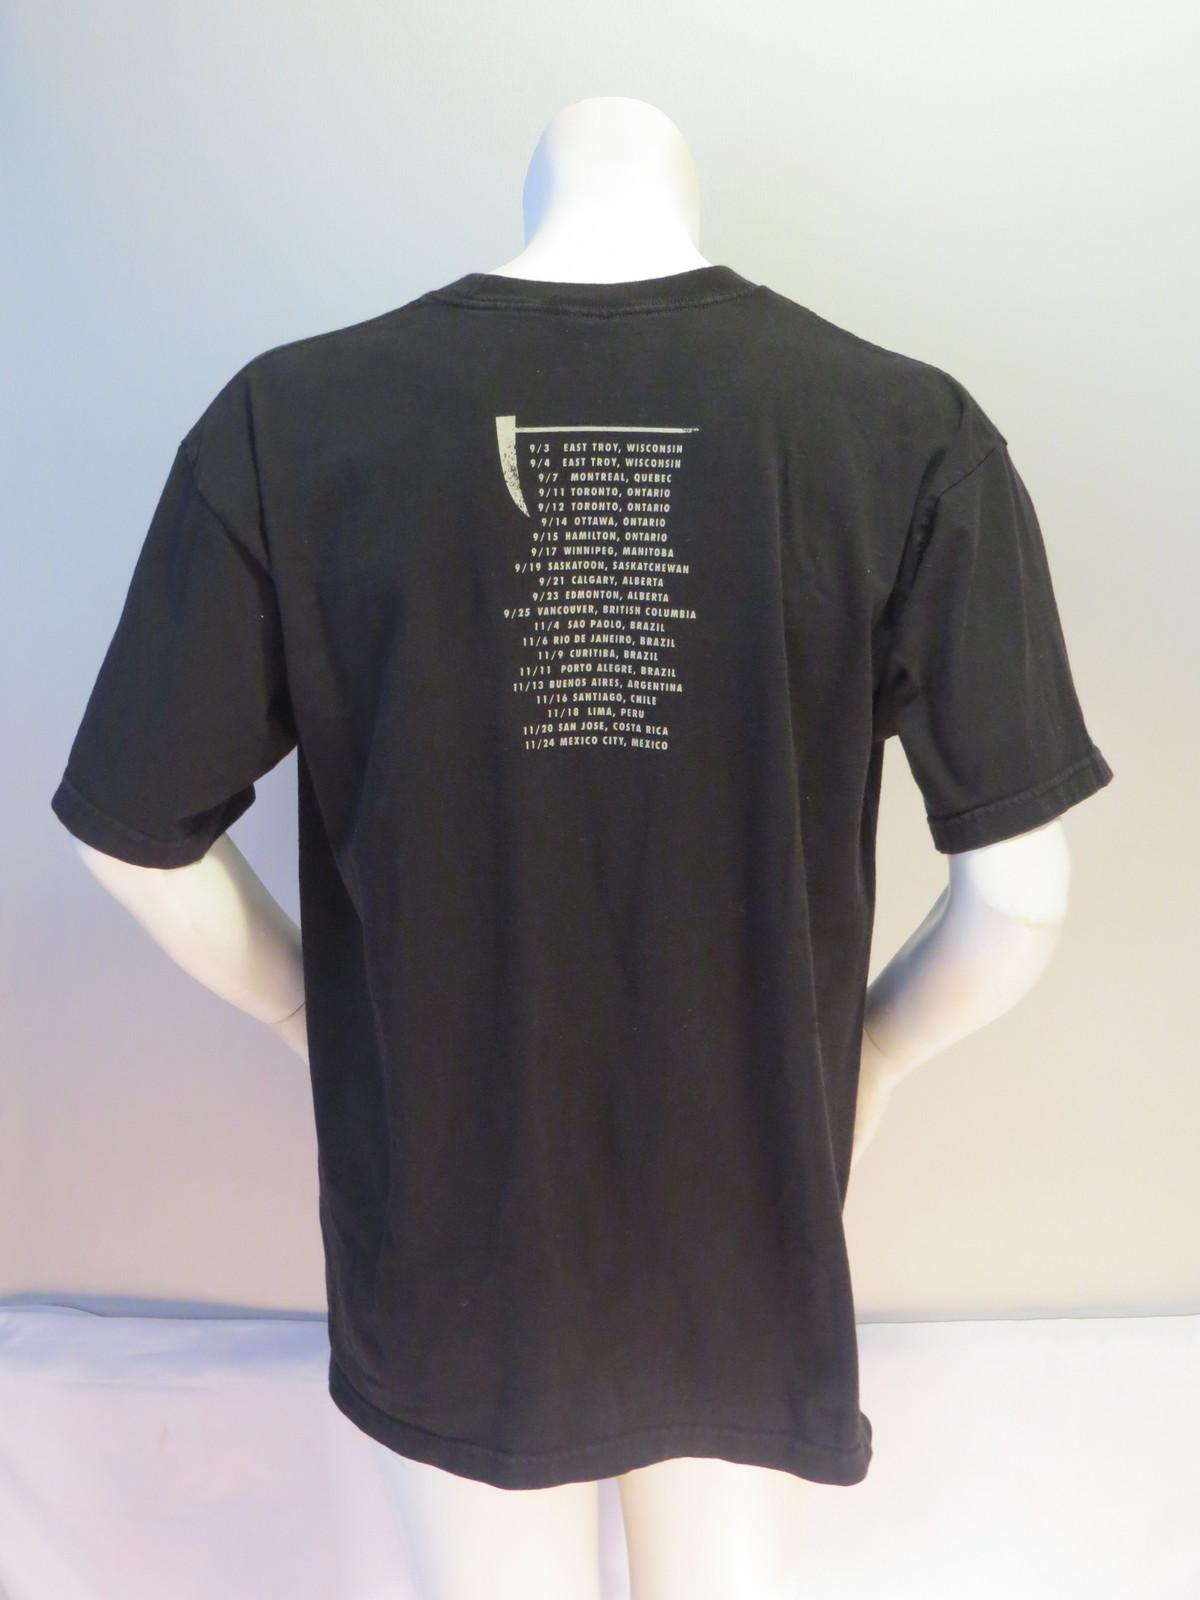 Pearl Jam Tour Shirt - 2011 World Tour - Men's Extra Large